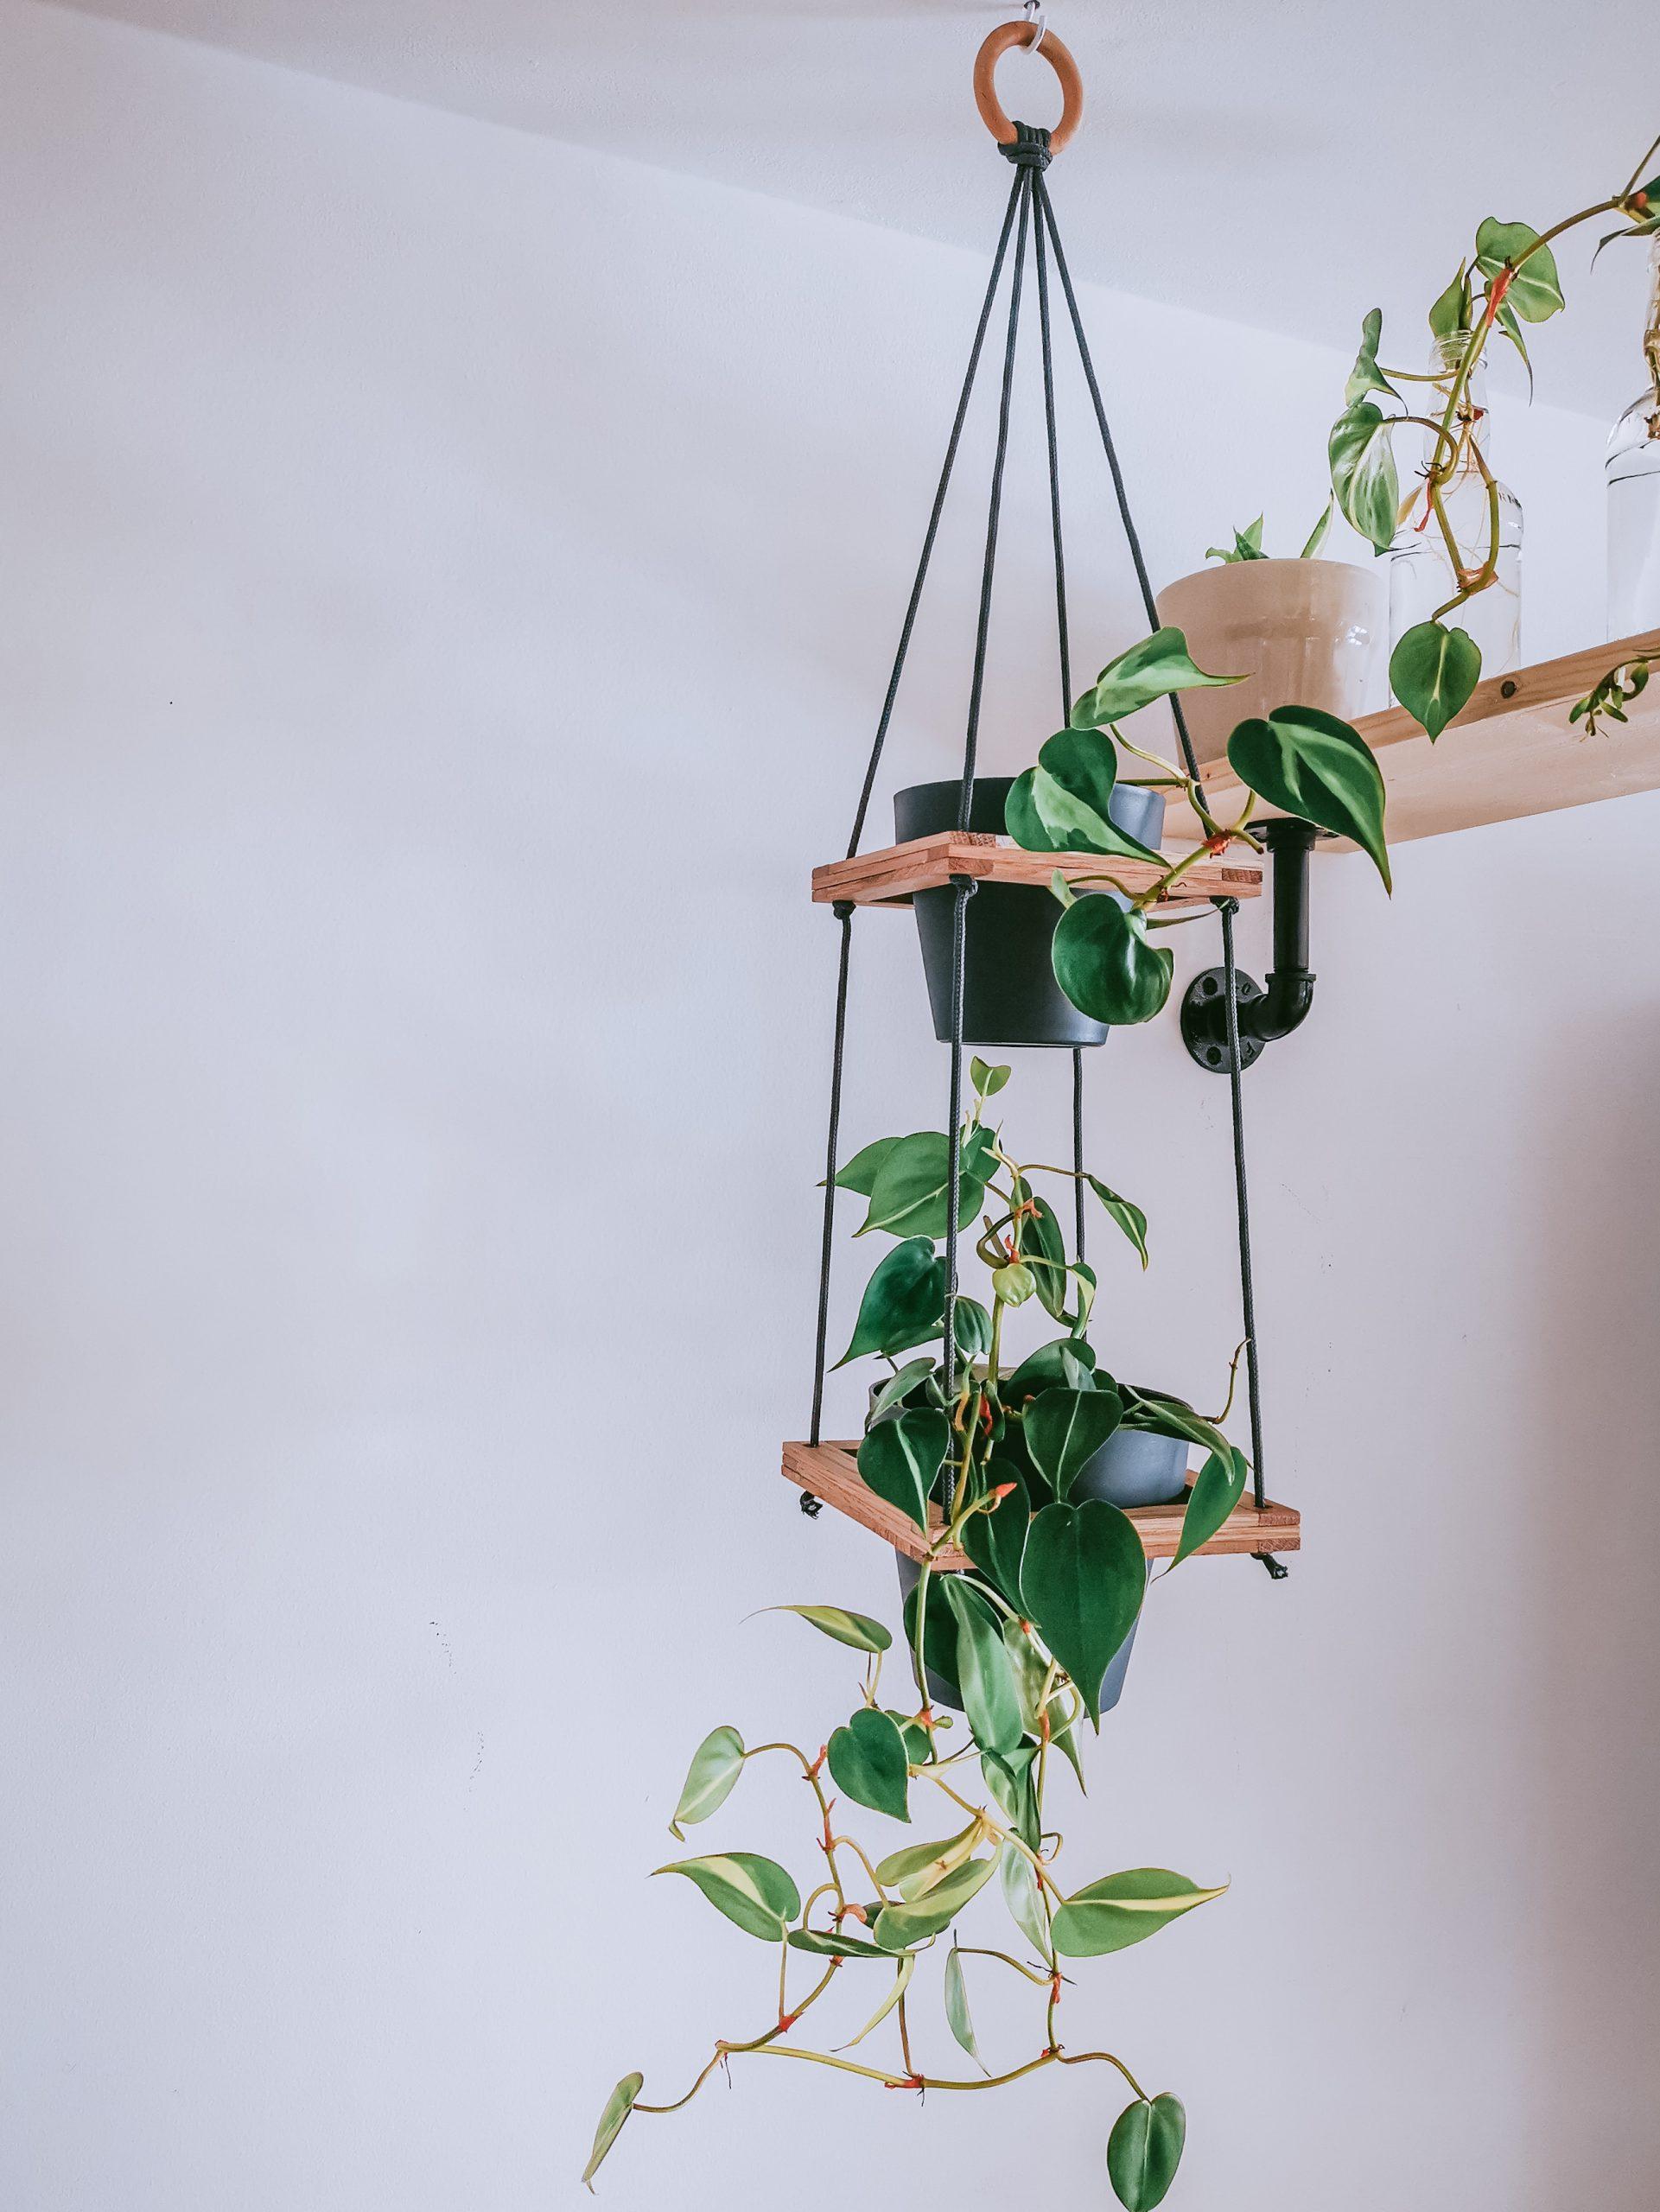 IMG 20200919 120542 1 scaled - Tip pre botanikov: závesný stojan na rastliny v 4 krokoch